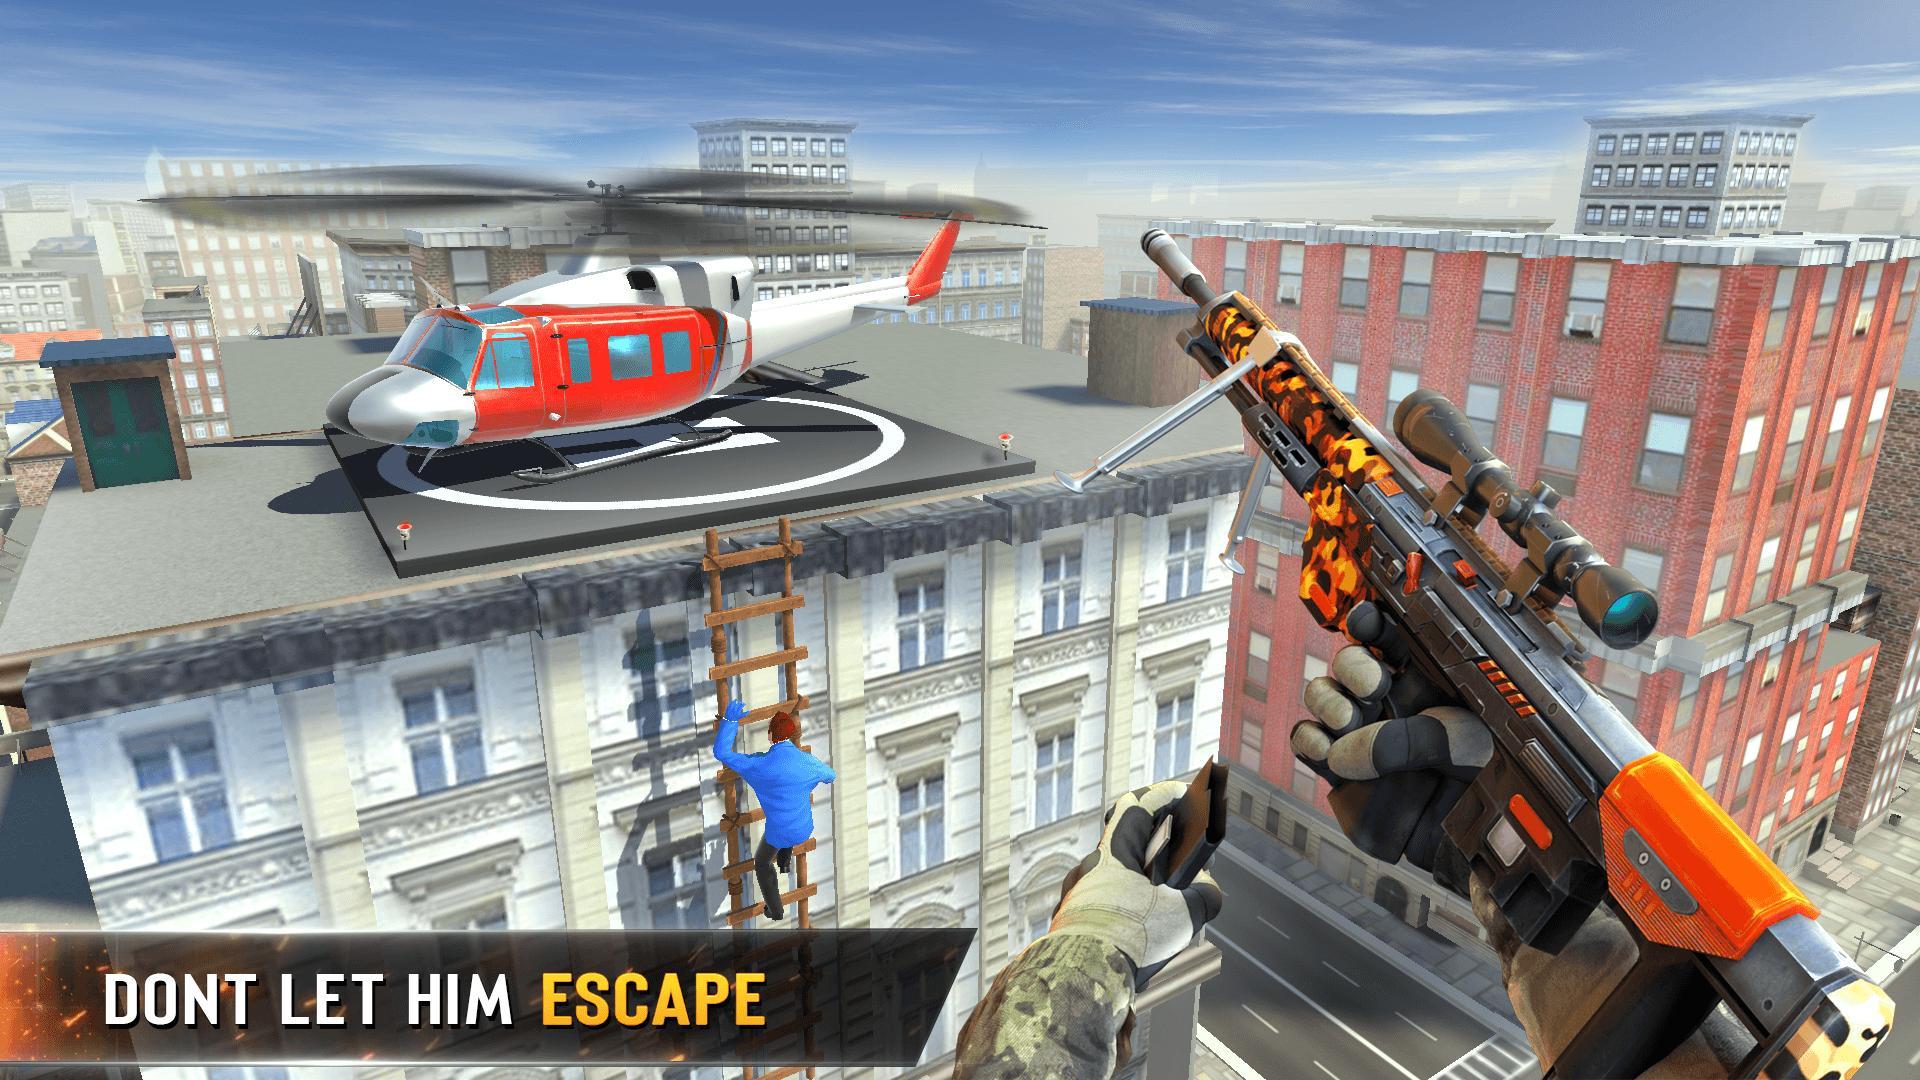 New Sniper Shooter: Free offline 3D shooting games 1.78 Screenshot 13